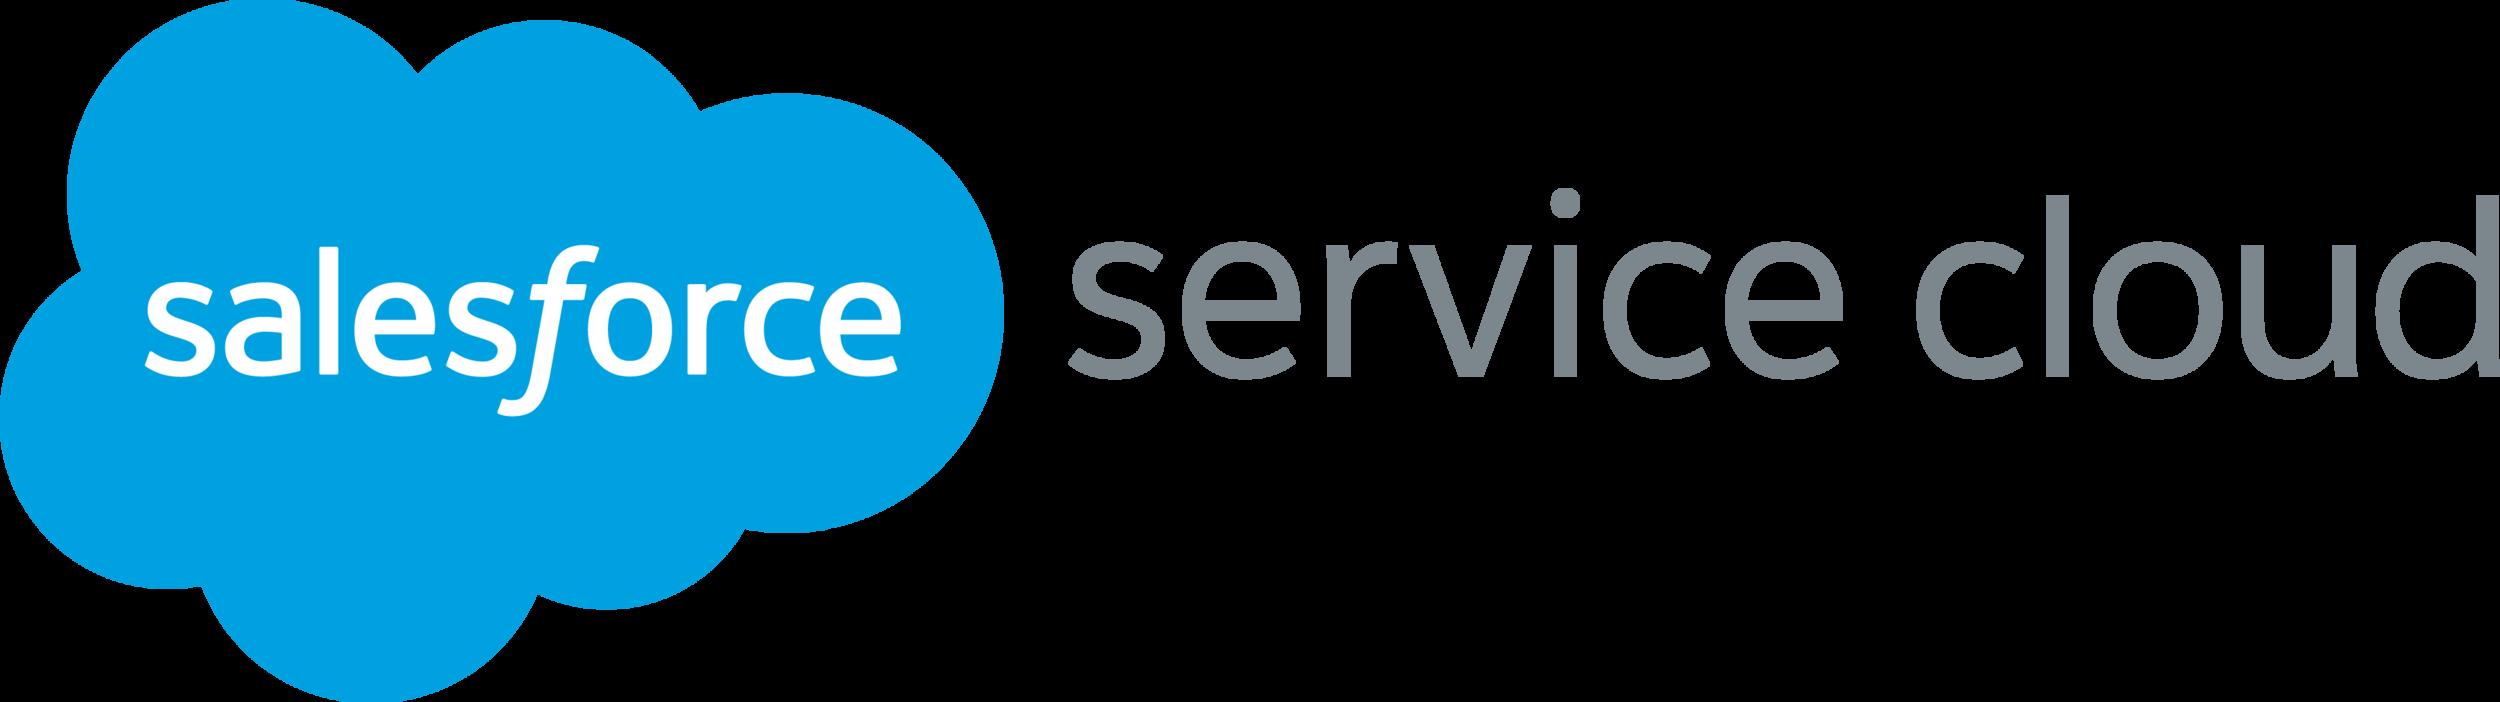 servicecloud.png